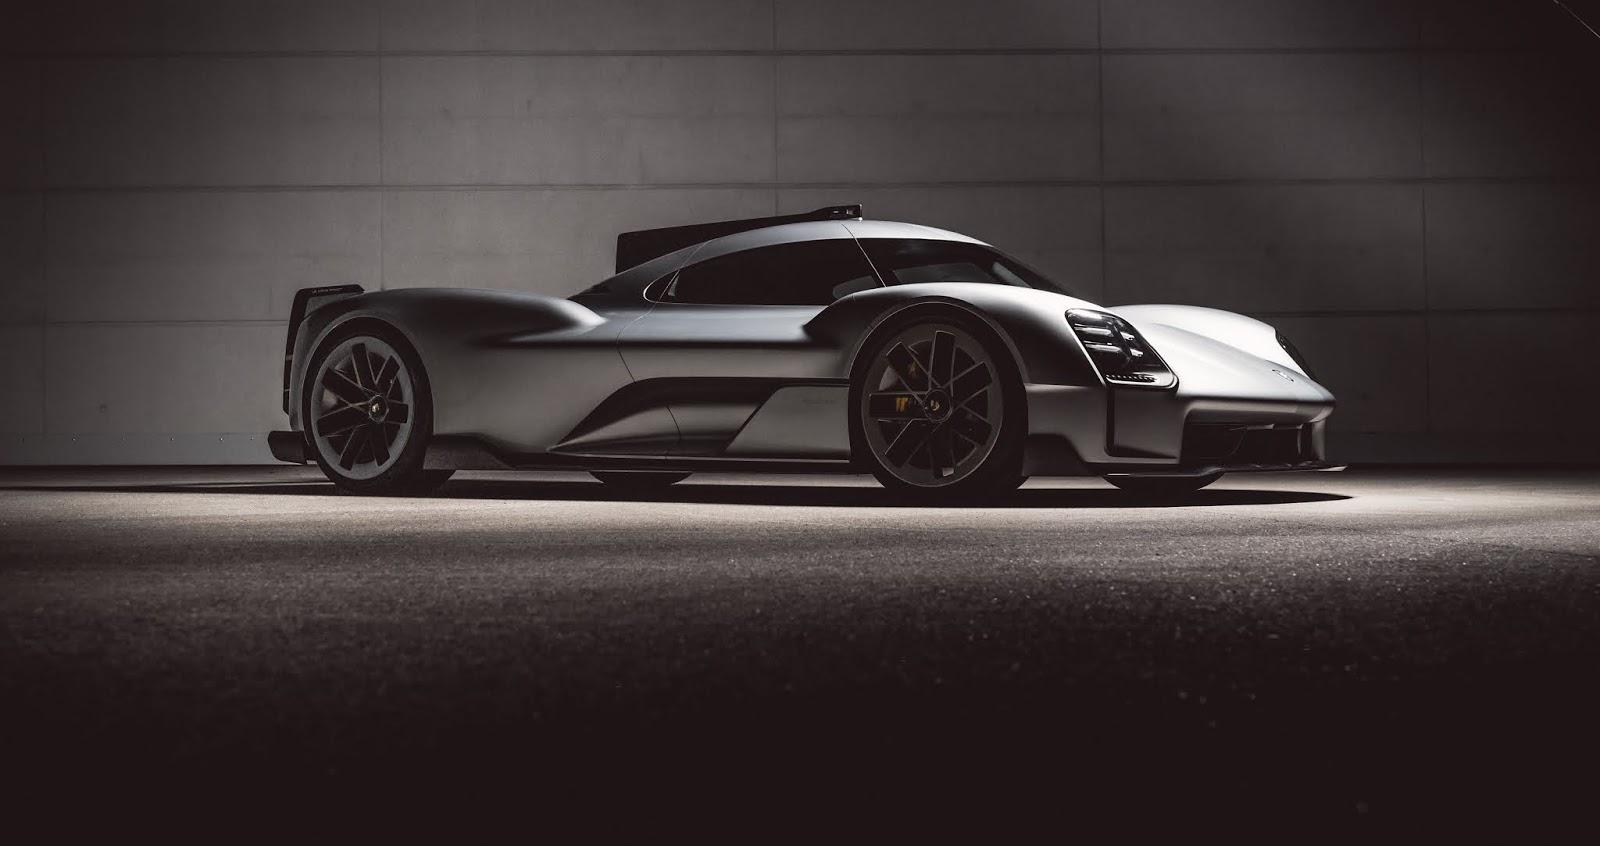 PD5 7387 Τα άγνωστα Hypercars της Porsche hypercar, Porsche, Porsche Unseen, Sunday, supercar, supercars, zblog, ειδήσεις